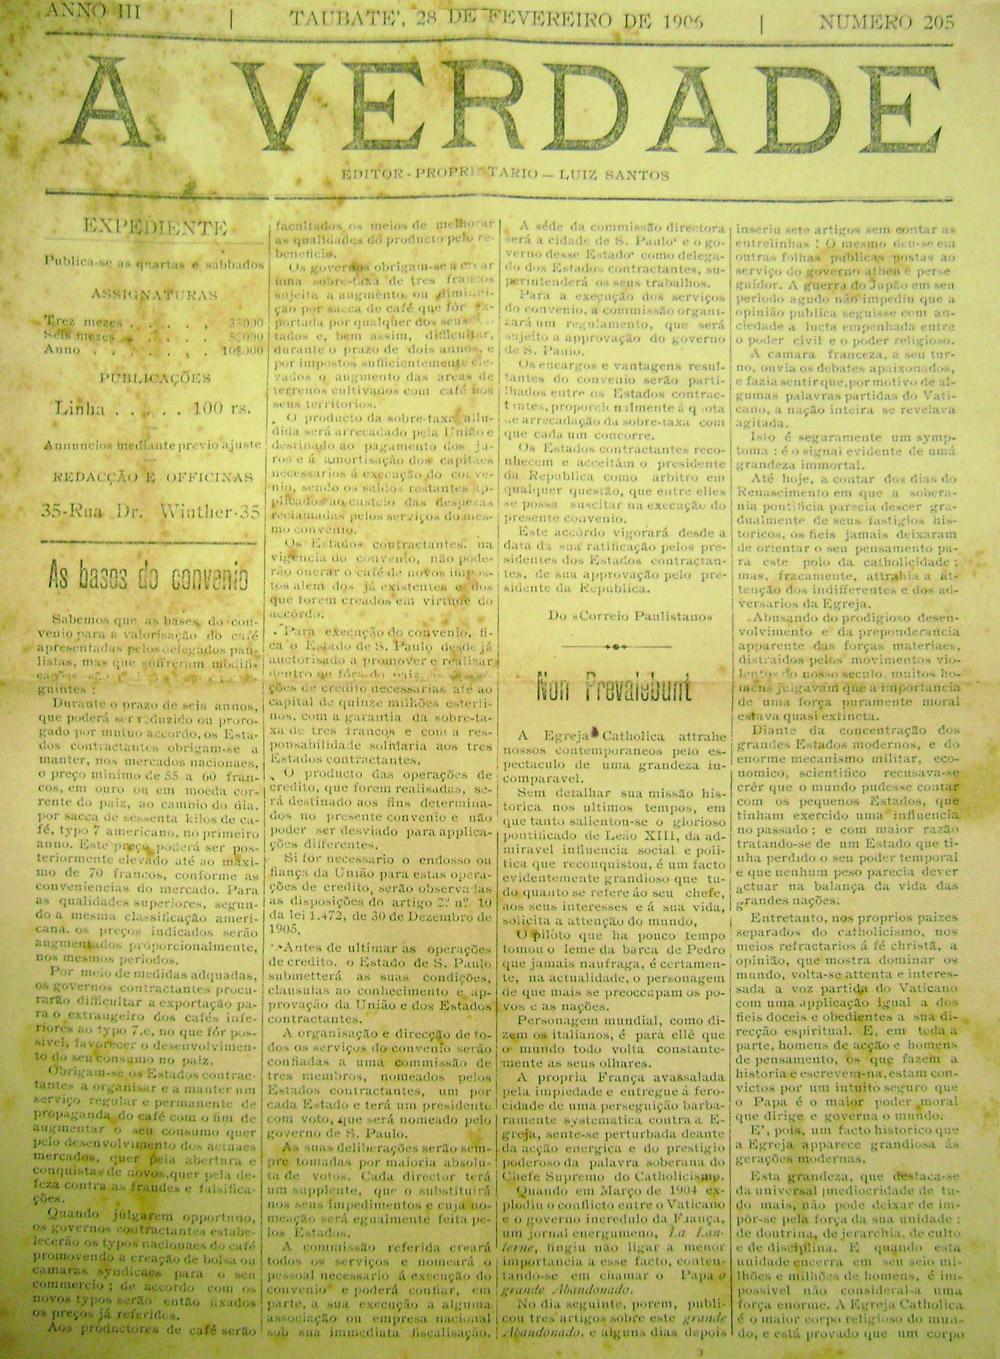 A Verdade, de 28 de fevereiro de 1906